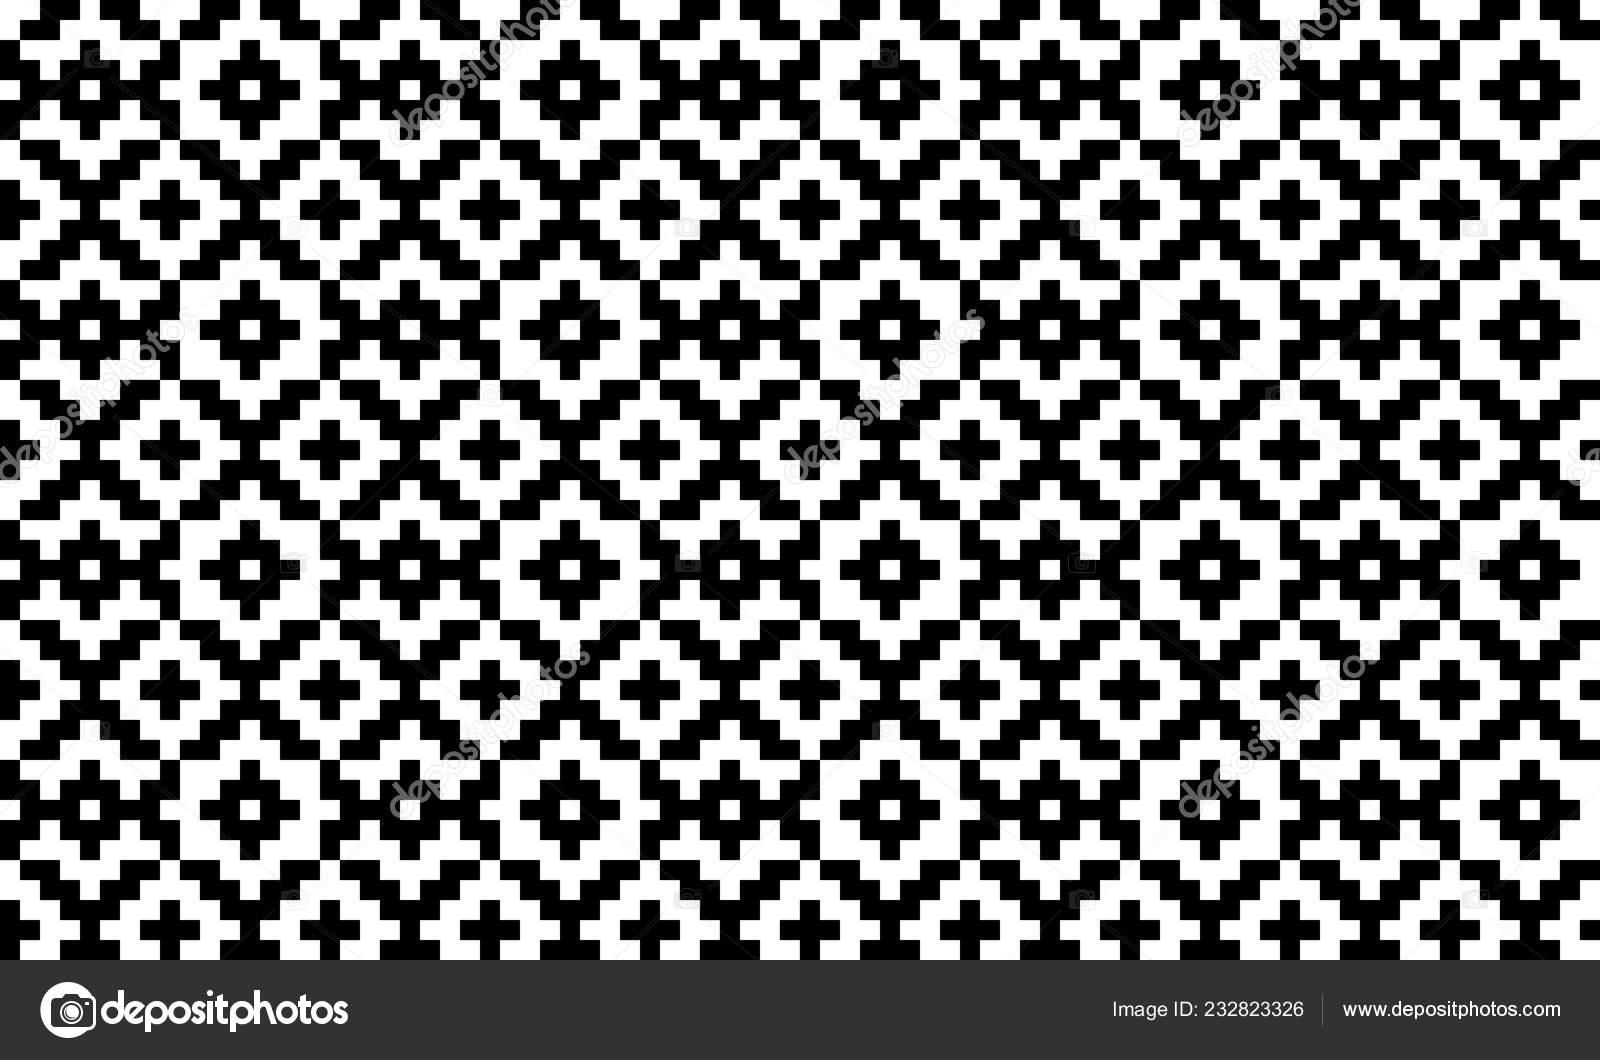 Nordische Vektor Geometrische Pixelig Musterdesign